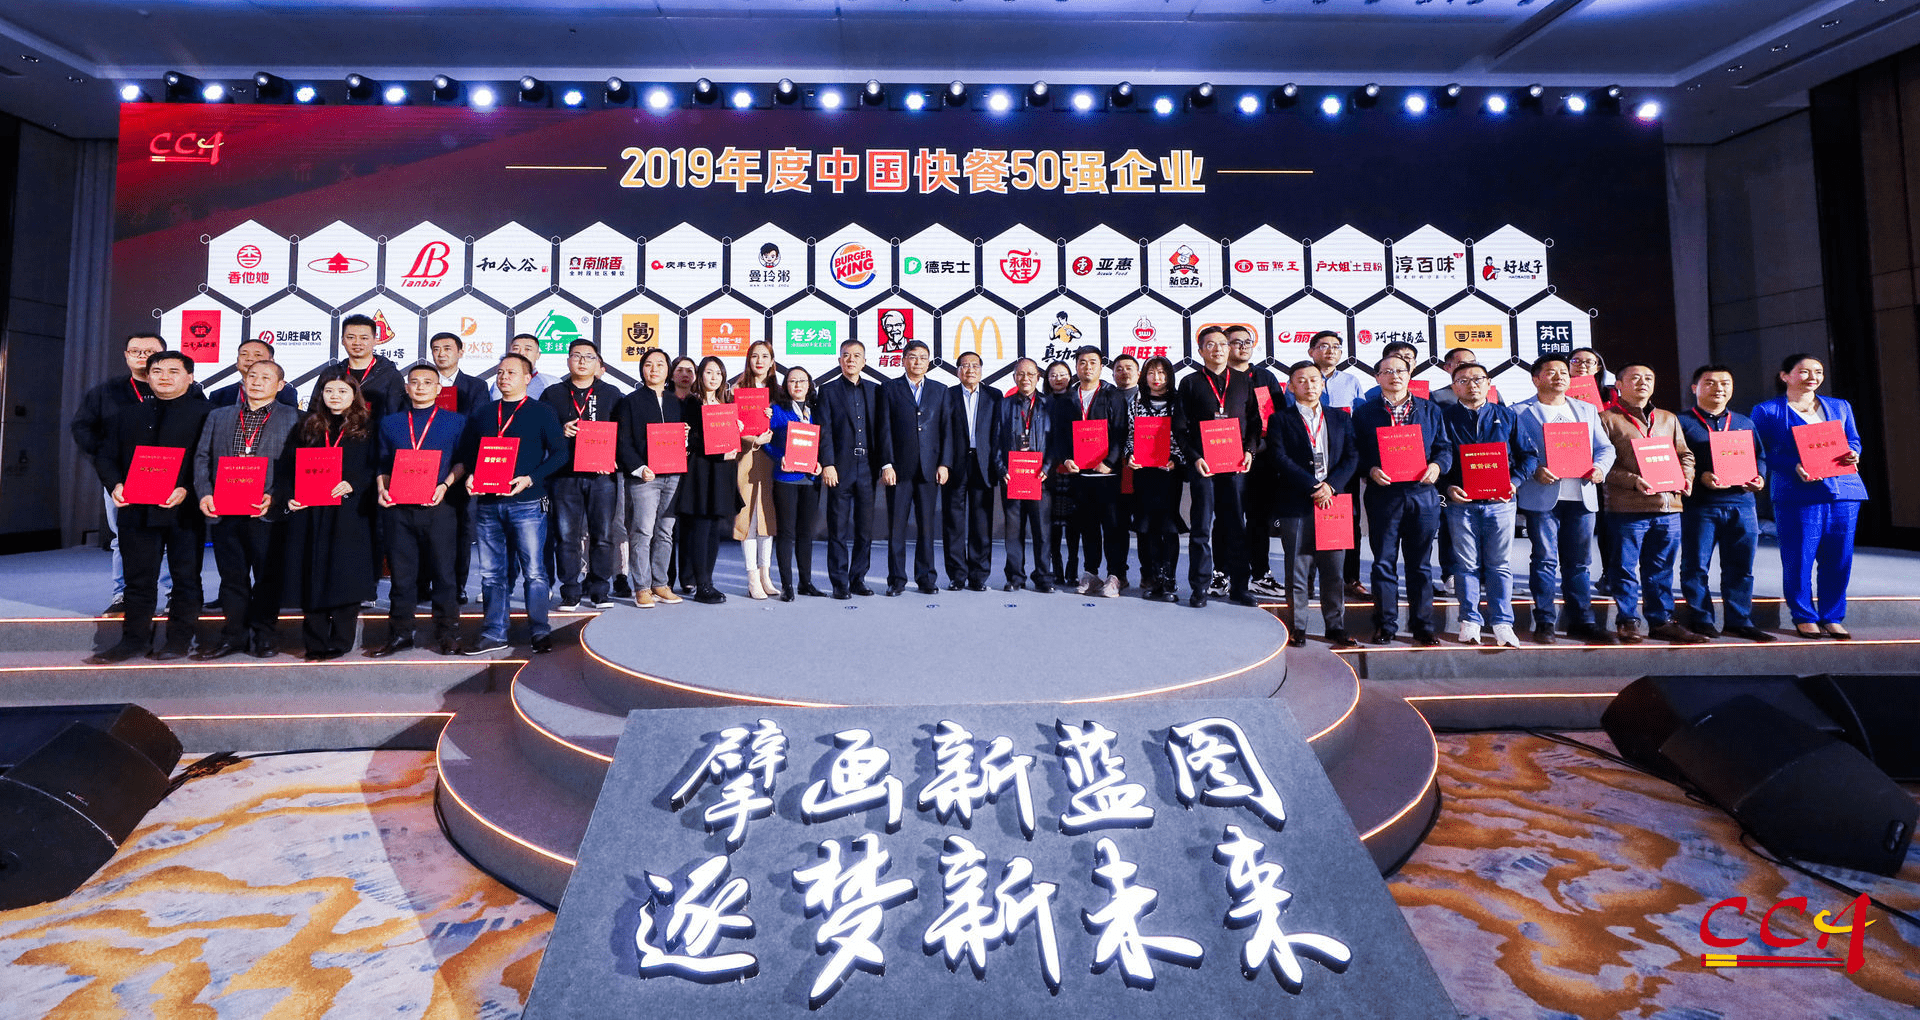 三度荣耀加身!鱼你在一起酸菜鱼荣登2019年度中国快餐企业50强!